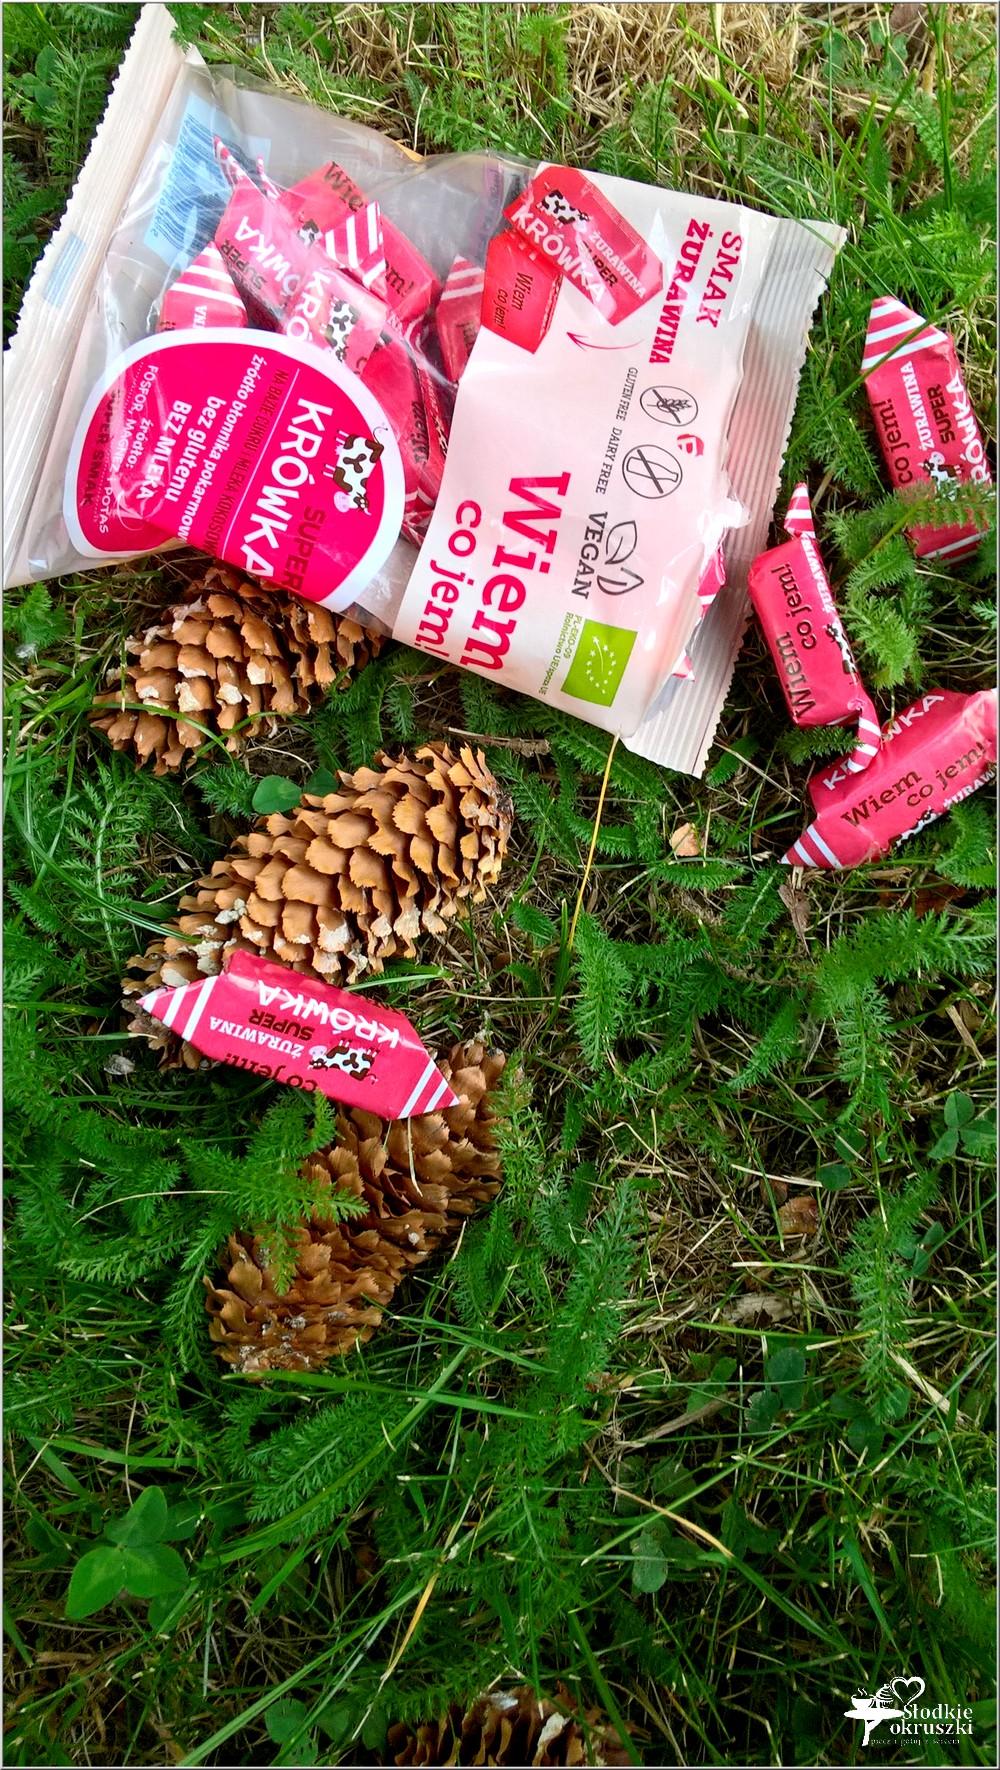 Super krówka - zdrowe i pyszne słodkości (5)